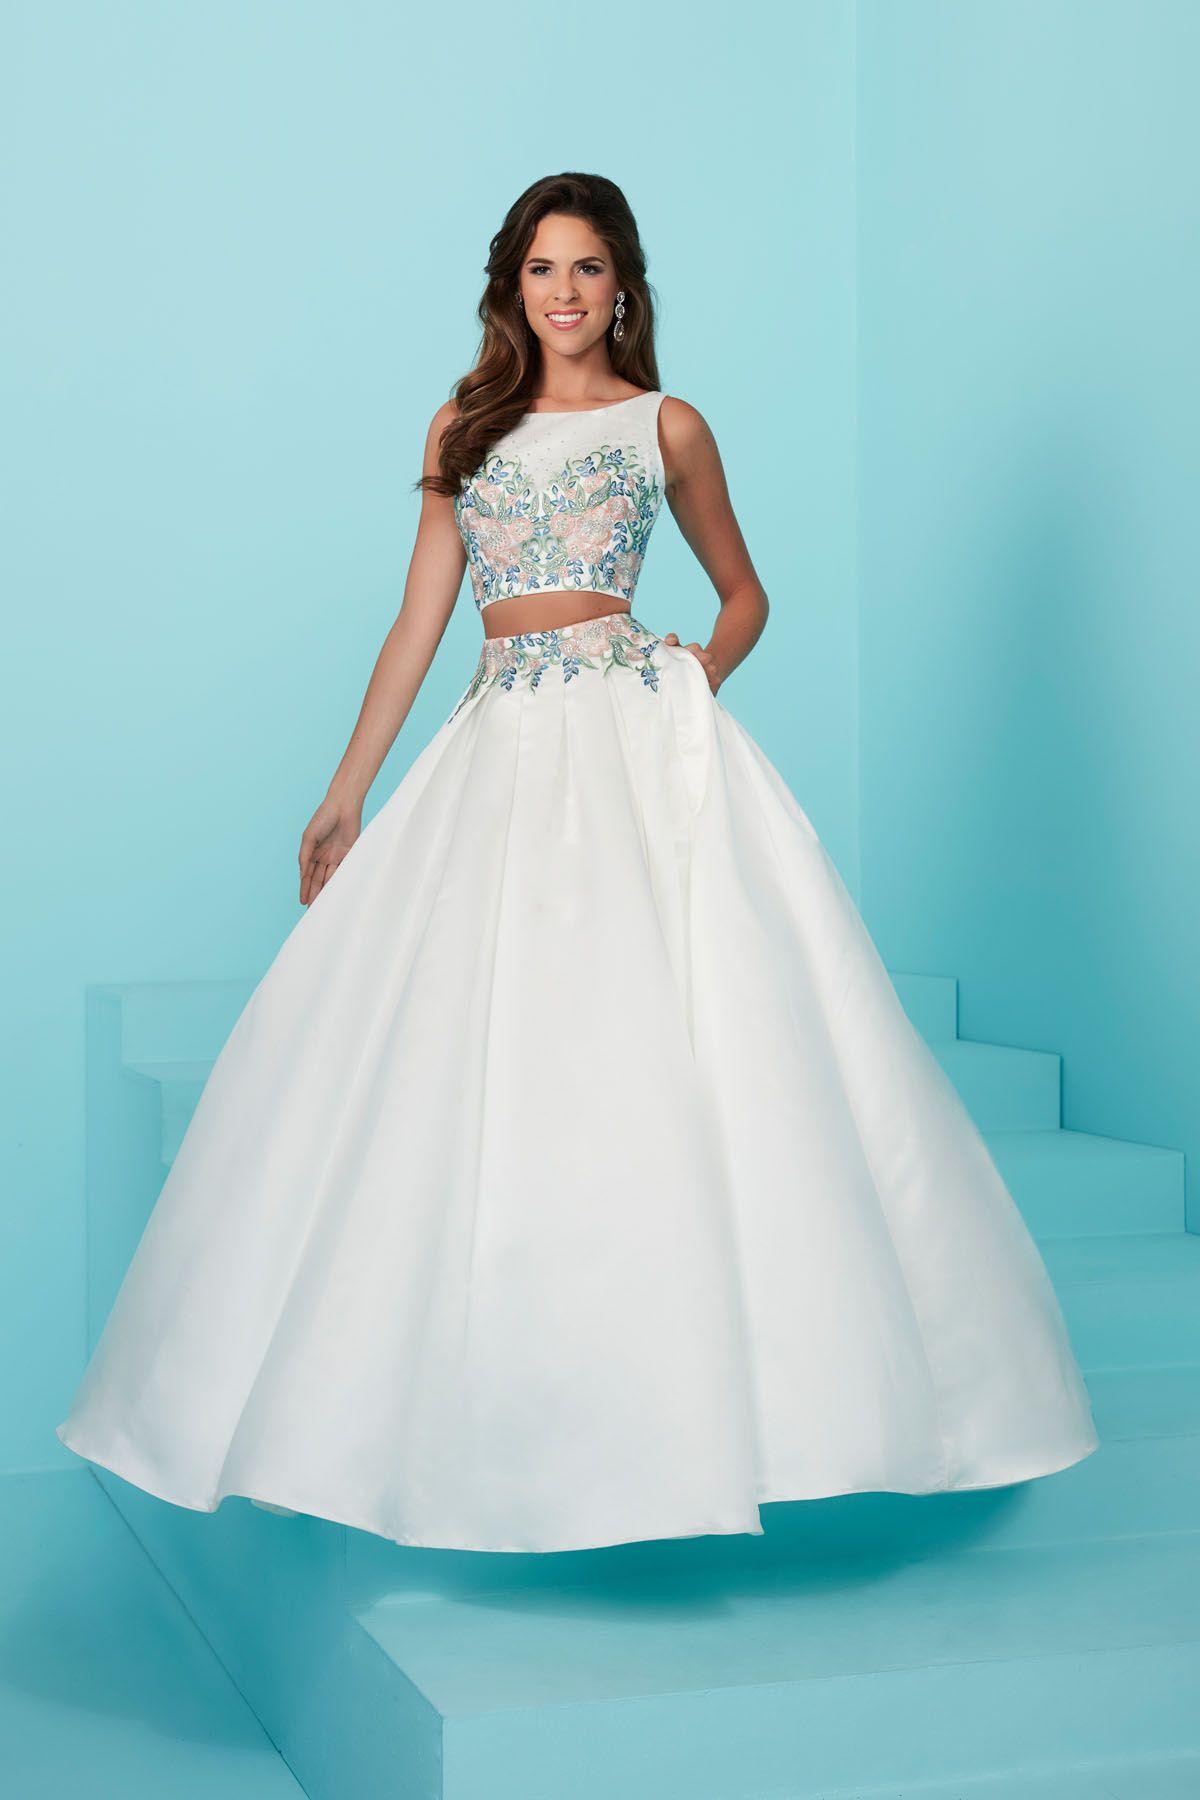 Tiffany Designs 16228 - International Prom Association | Tiffany ...